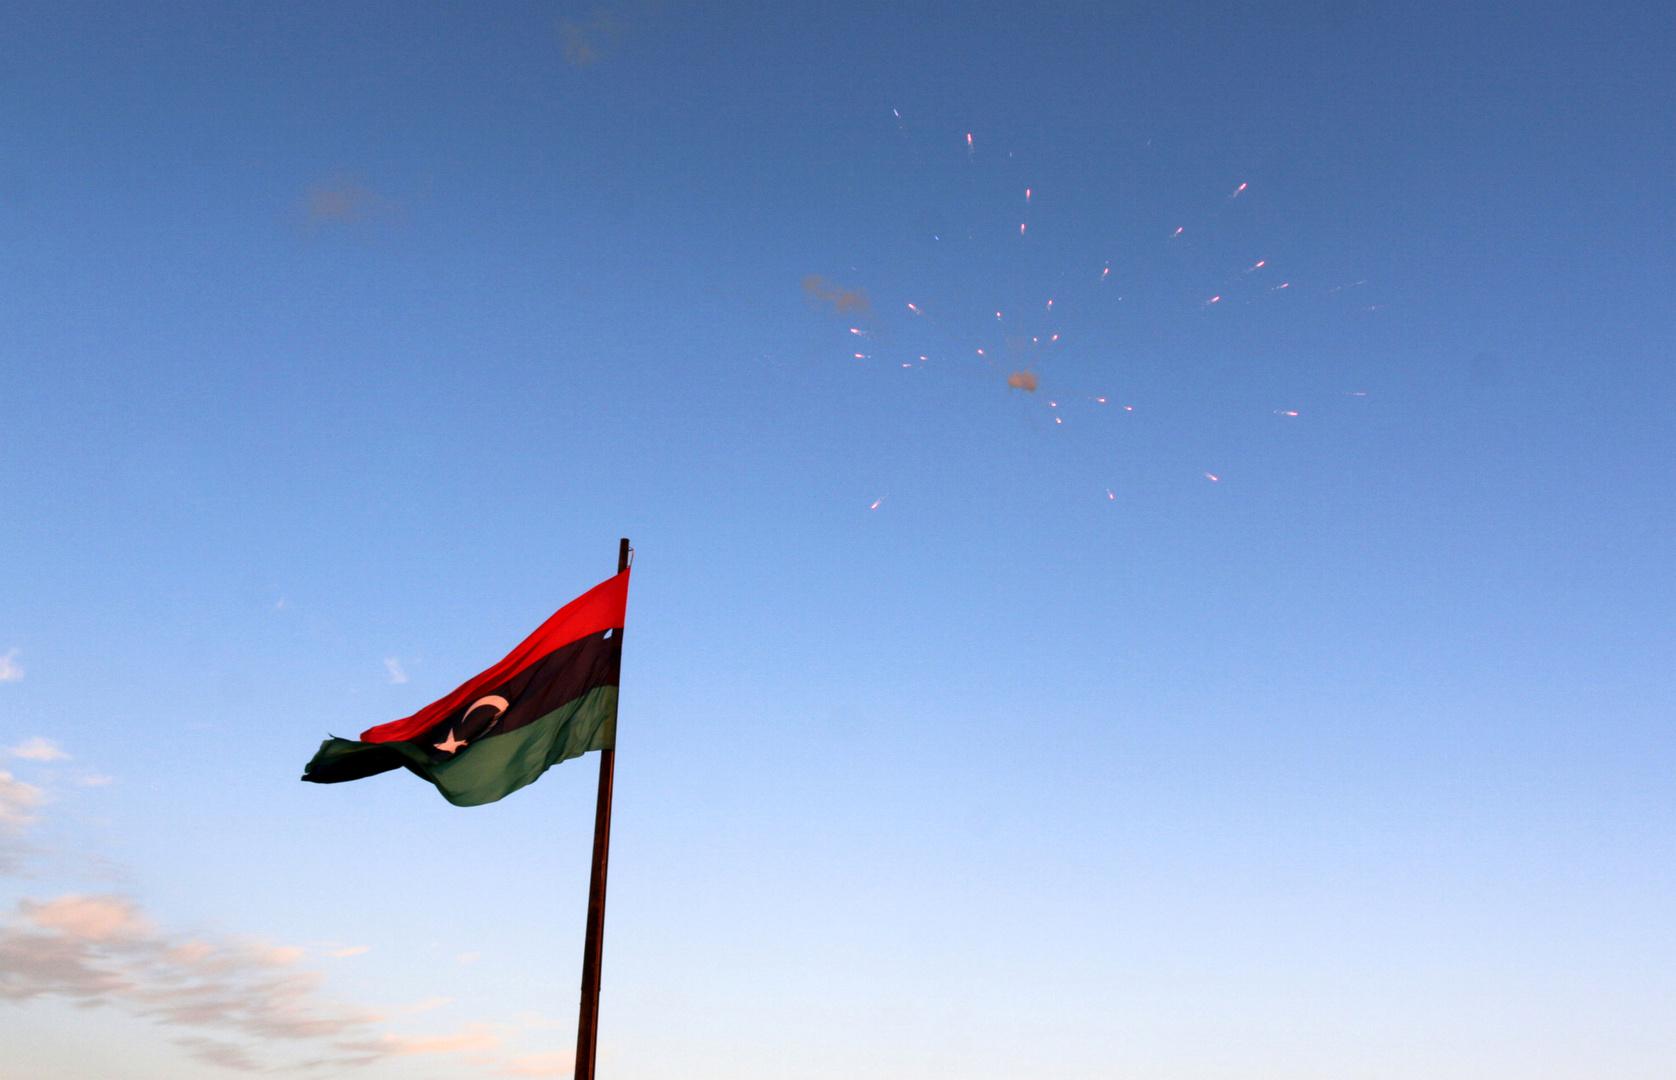 الجامعة العربية: حكومة الوفاق شرعية وثمة فارق مهم بين التواجد التركي في ليبيا وسوريا